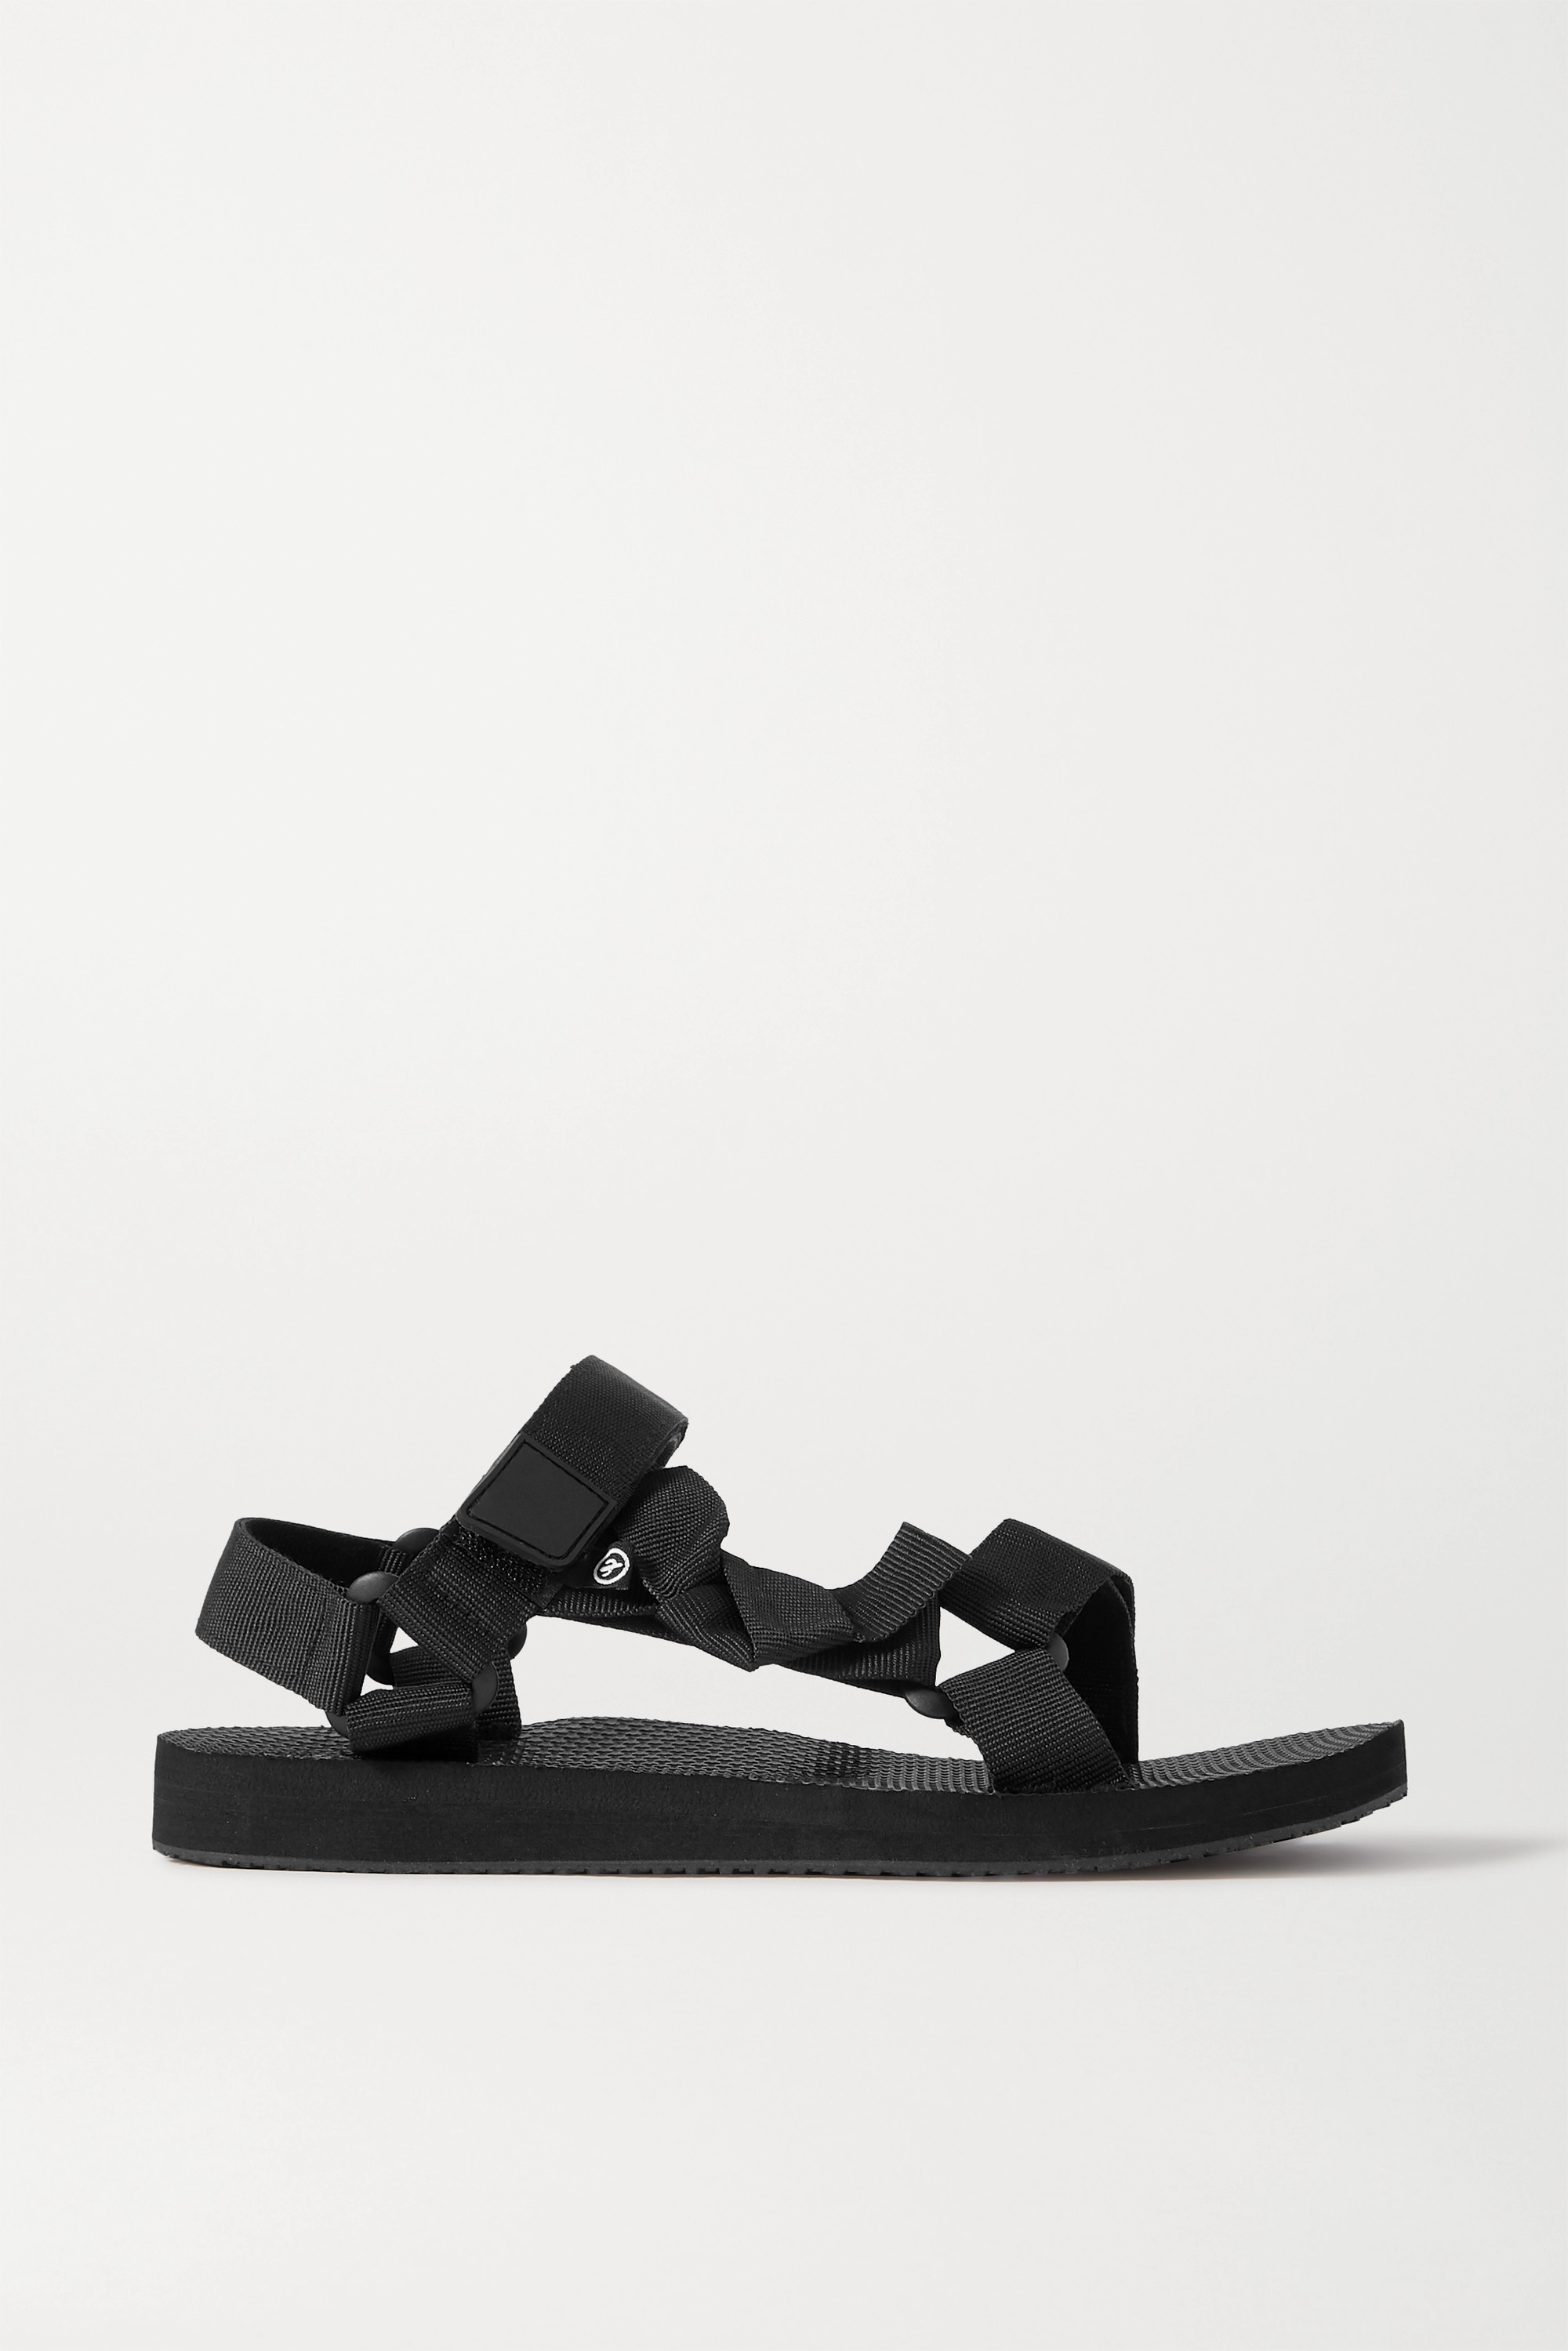 Arizona Love Trekky Fun grosgrain sandals